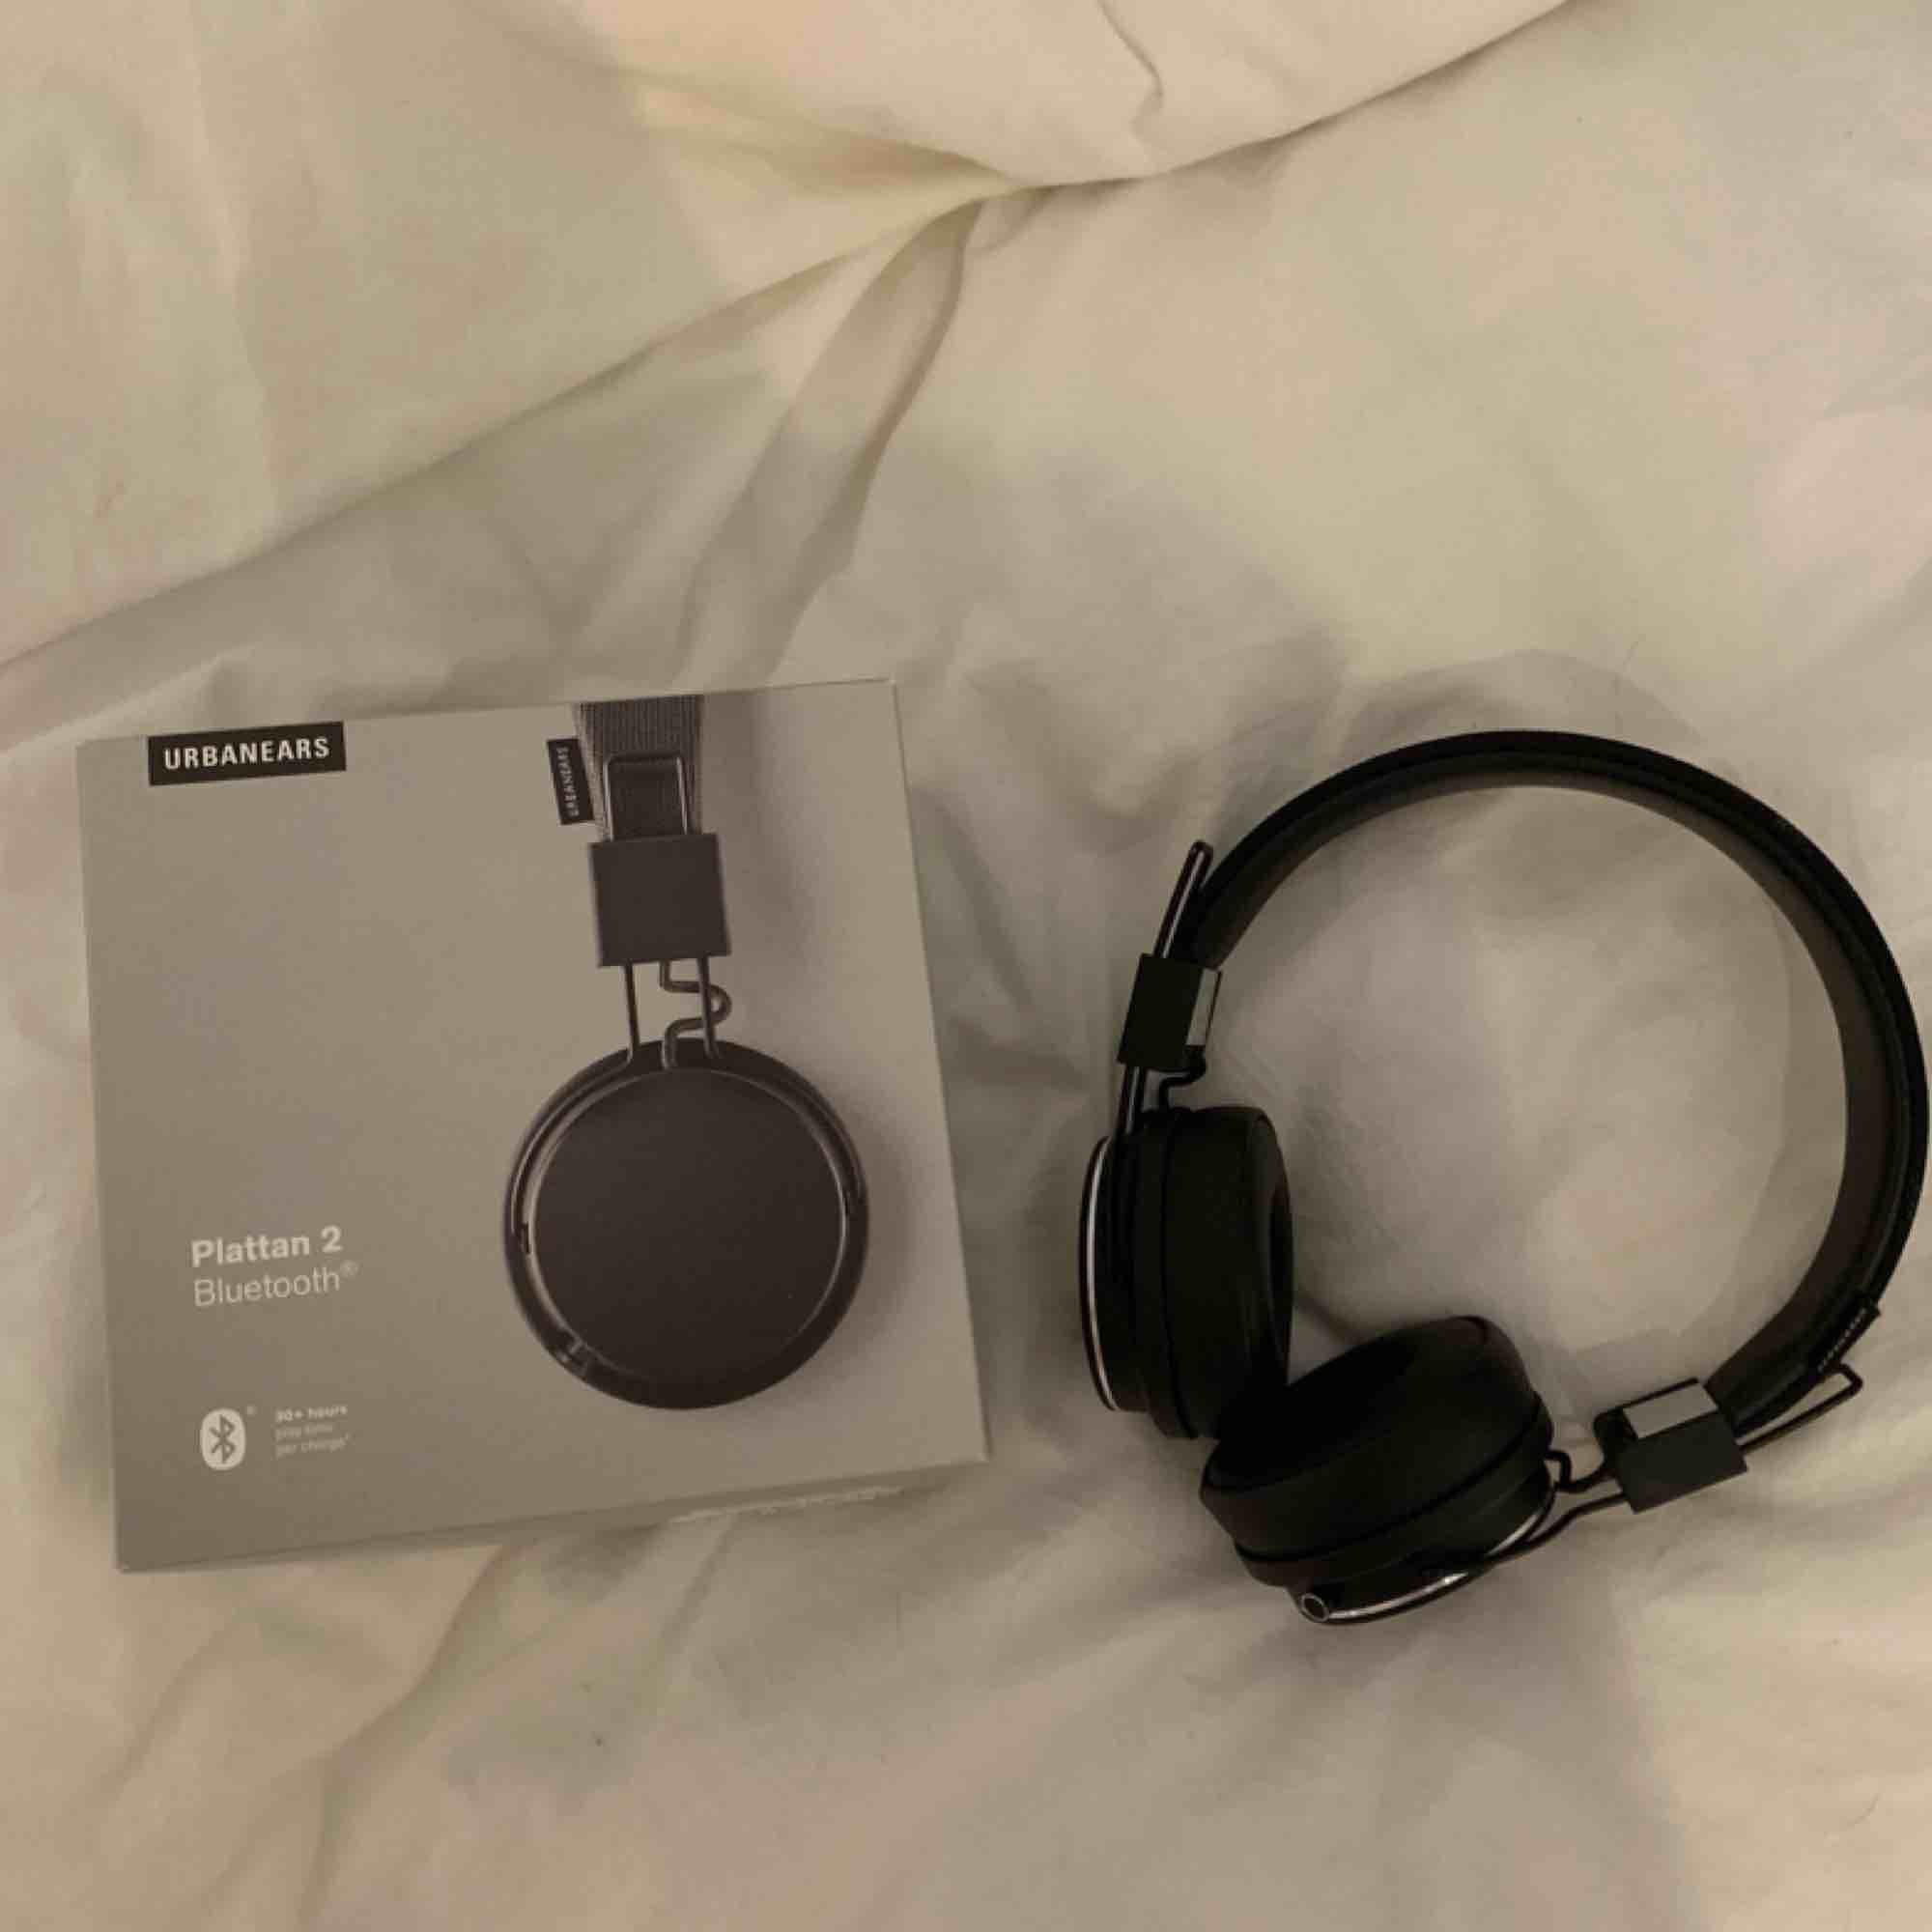 Säljer mina nästan helt oanvända Plattan 2 hörlurar då jag tyvärr inte använder dem! 🥺 Nypris 1000kr, svart färg. Laddare ingår! ☀️. Övrigt.